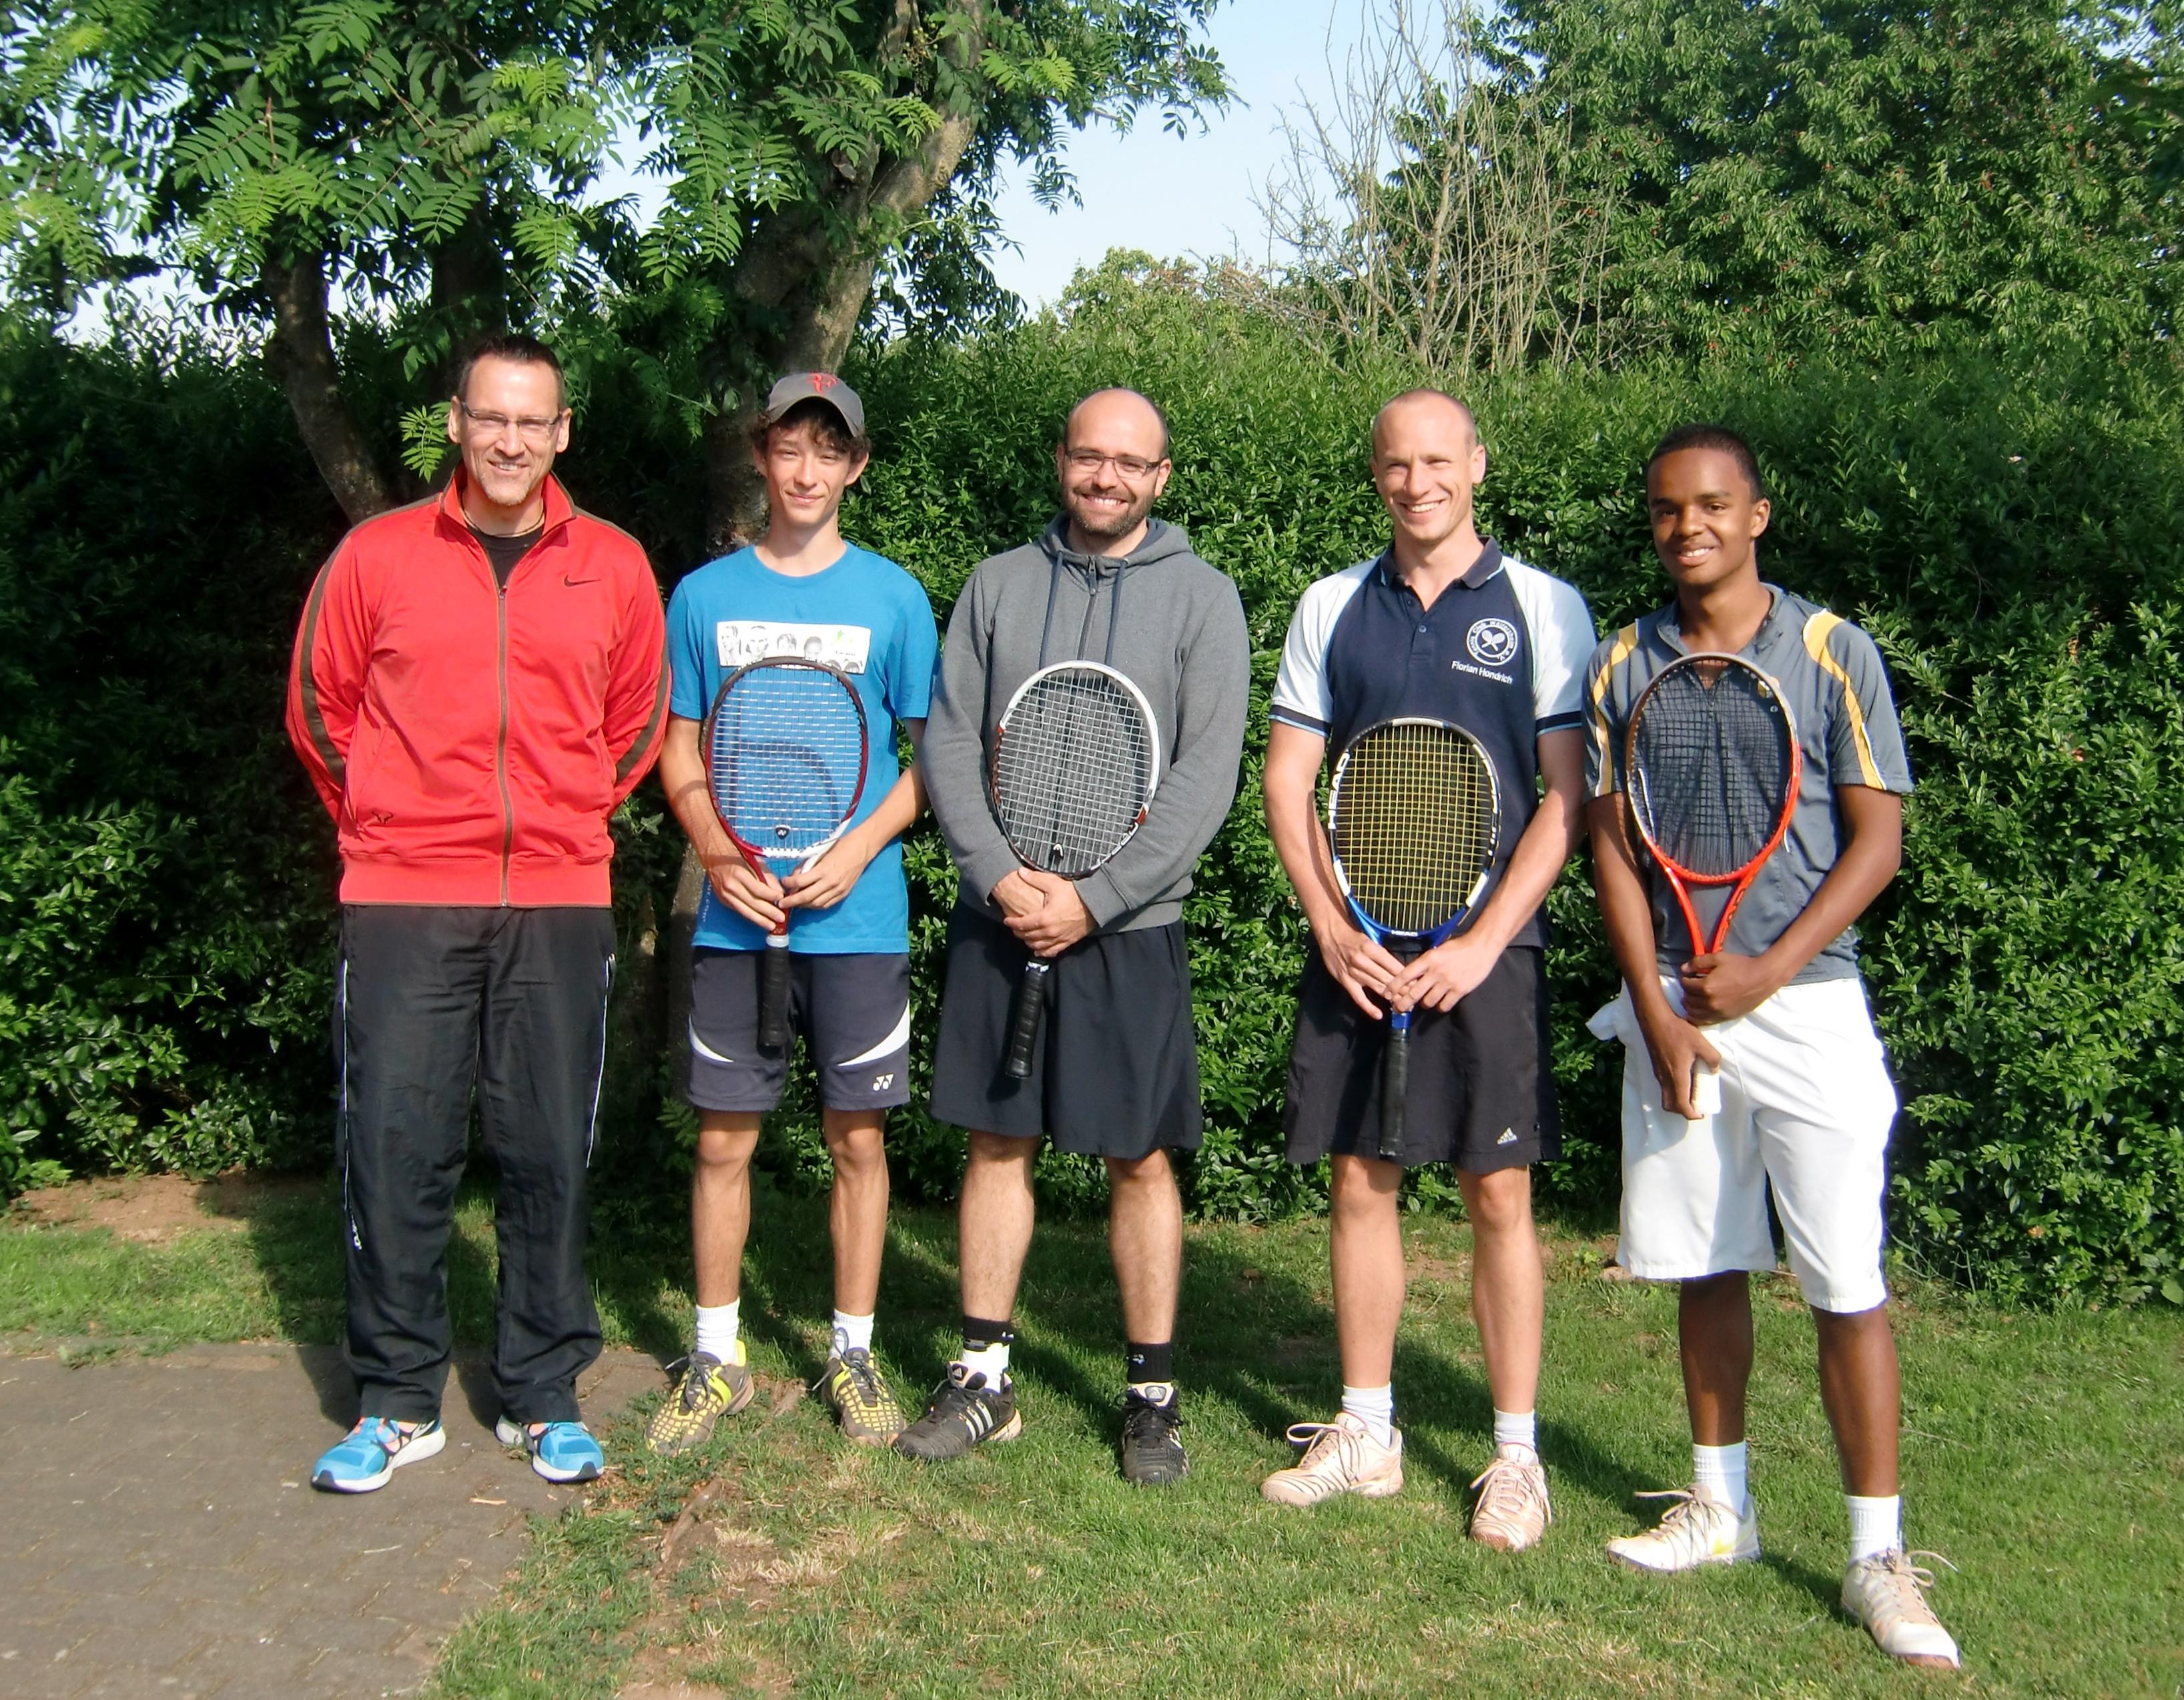 Das Bild zeigt die erfolgreiche Mannschaft: Von links: C. Brandt, F. König, D. Rosenberg, F. Hondrich, C. Ouba (es fehlt: T. Brandt)